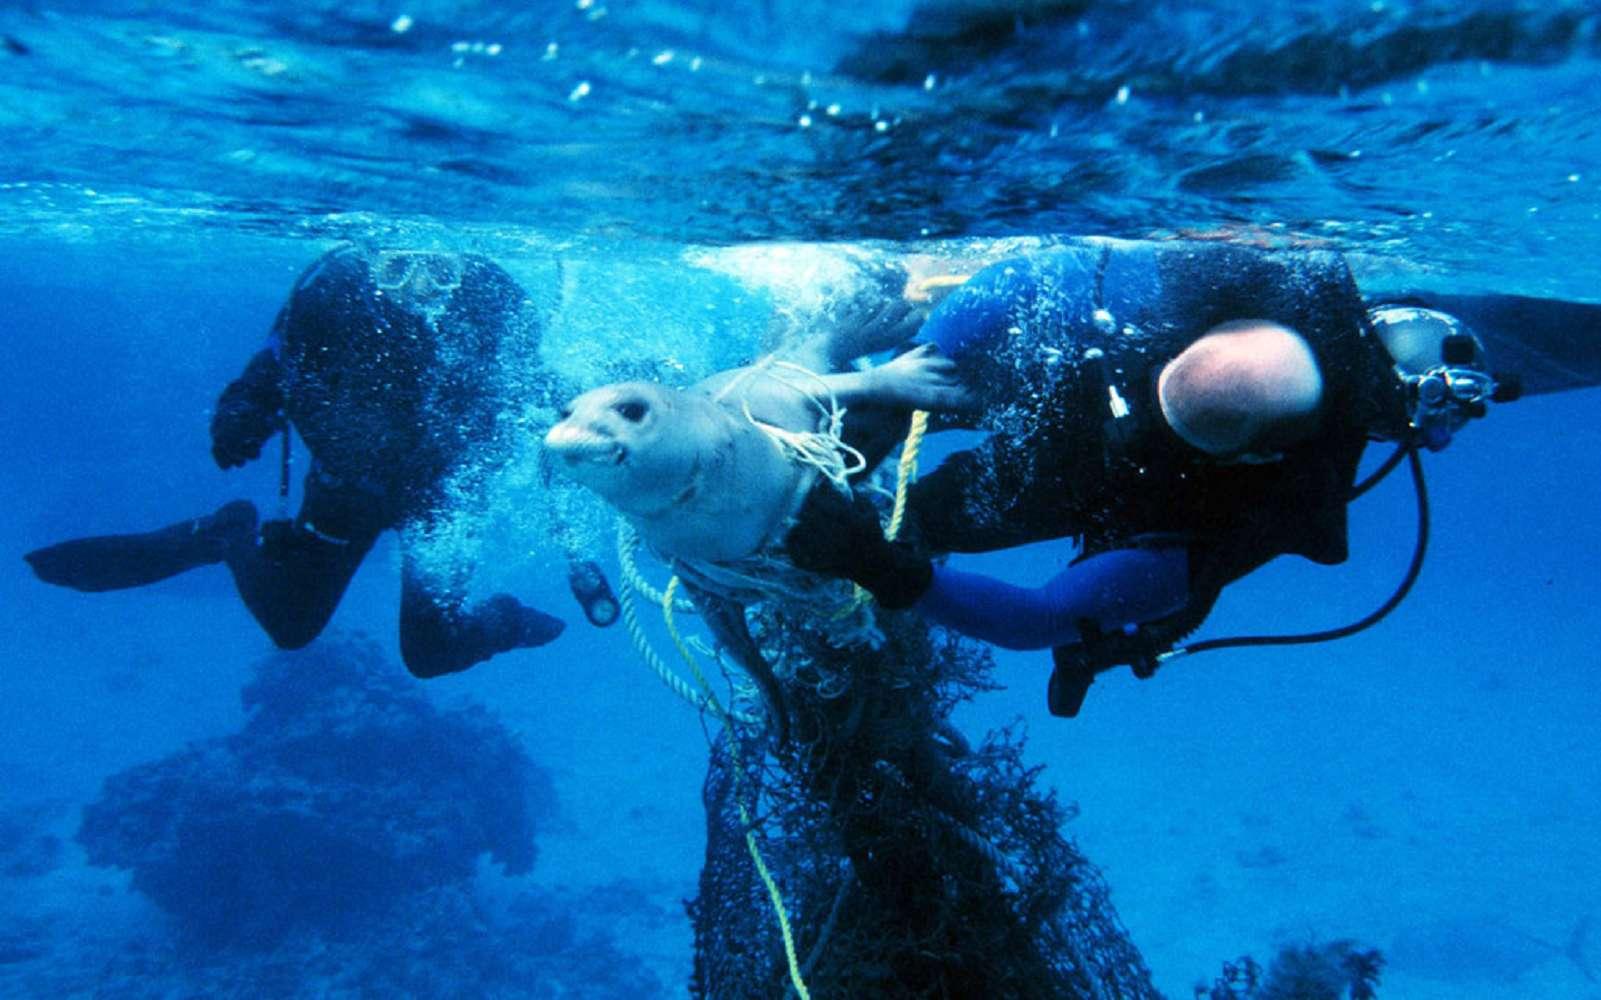 Des plongeurs tentent de libérer un phoque, pris dans des filets de pêche © NOAA / Flickr